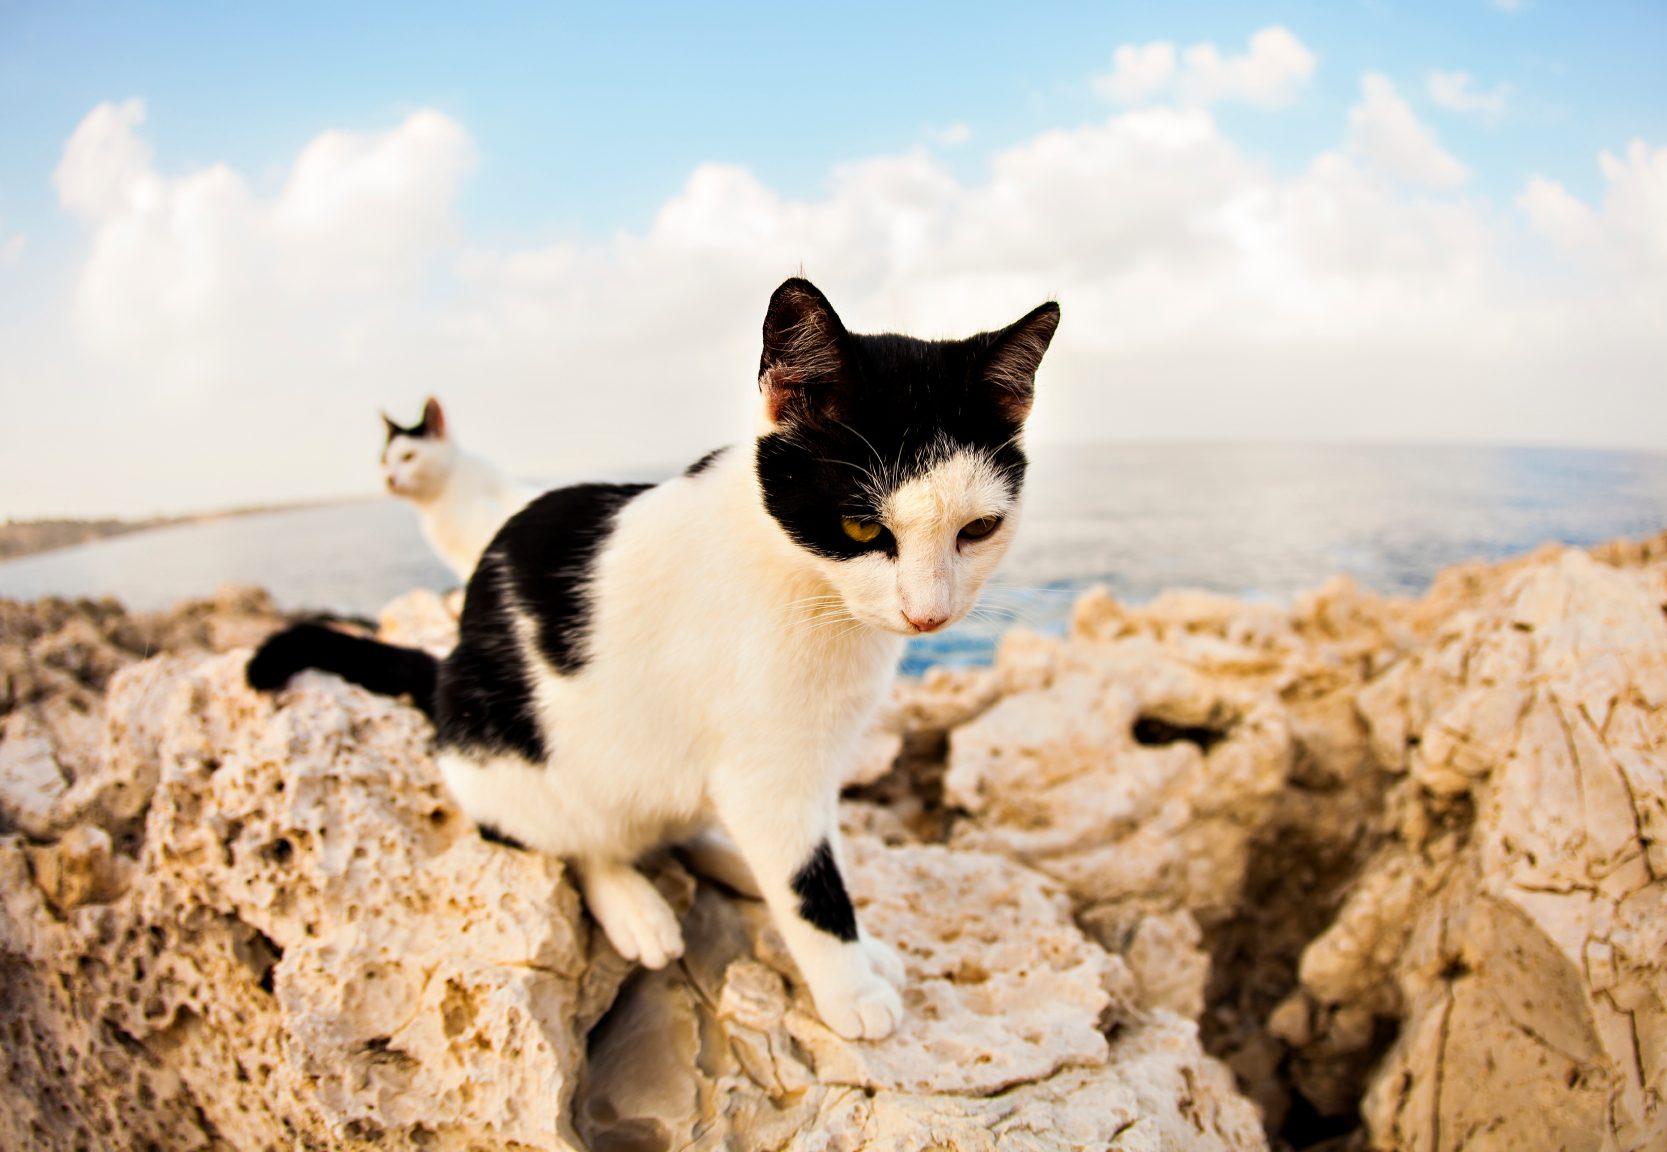 10. Le ronronnement des chats demeure un mystère